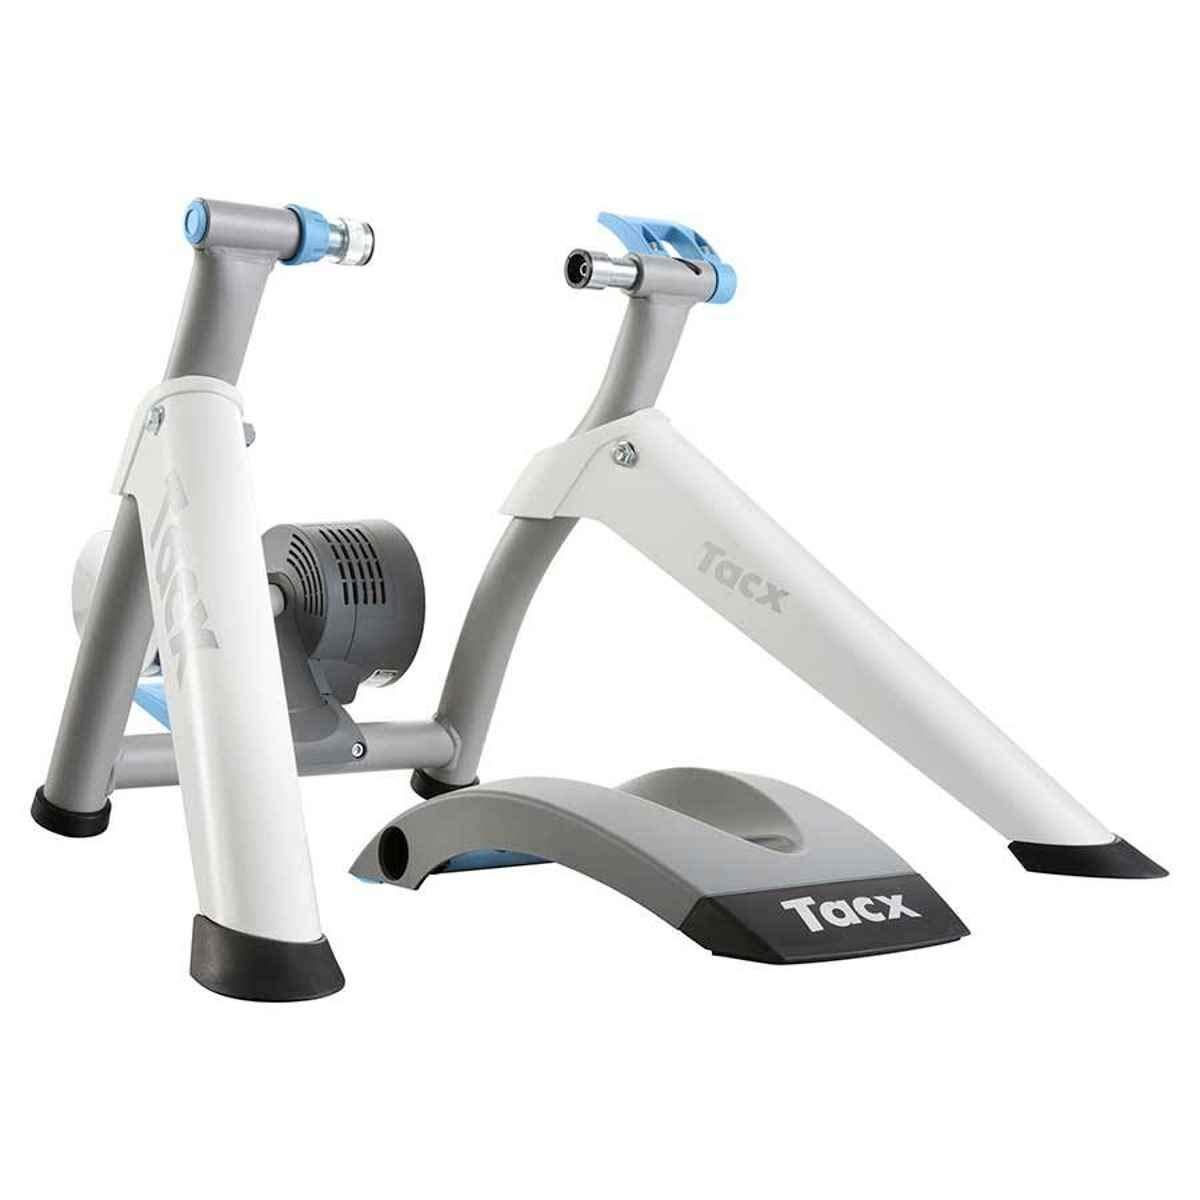 Tacx Flow スマートフルコネクトトレーナー One Size 1色 B07DFQFNZH